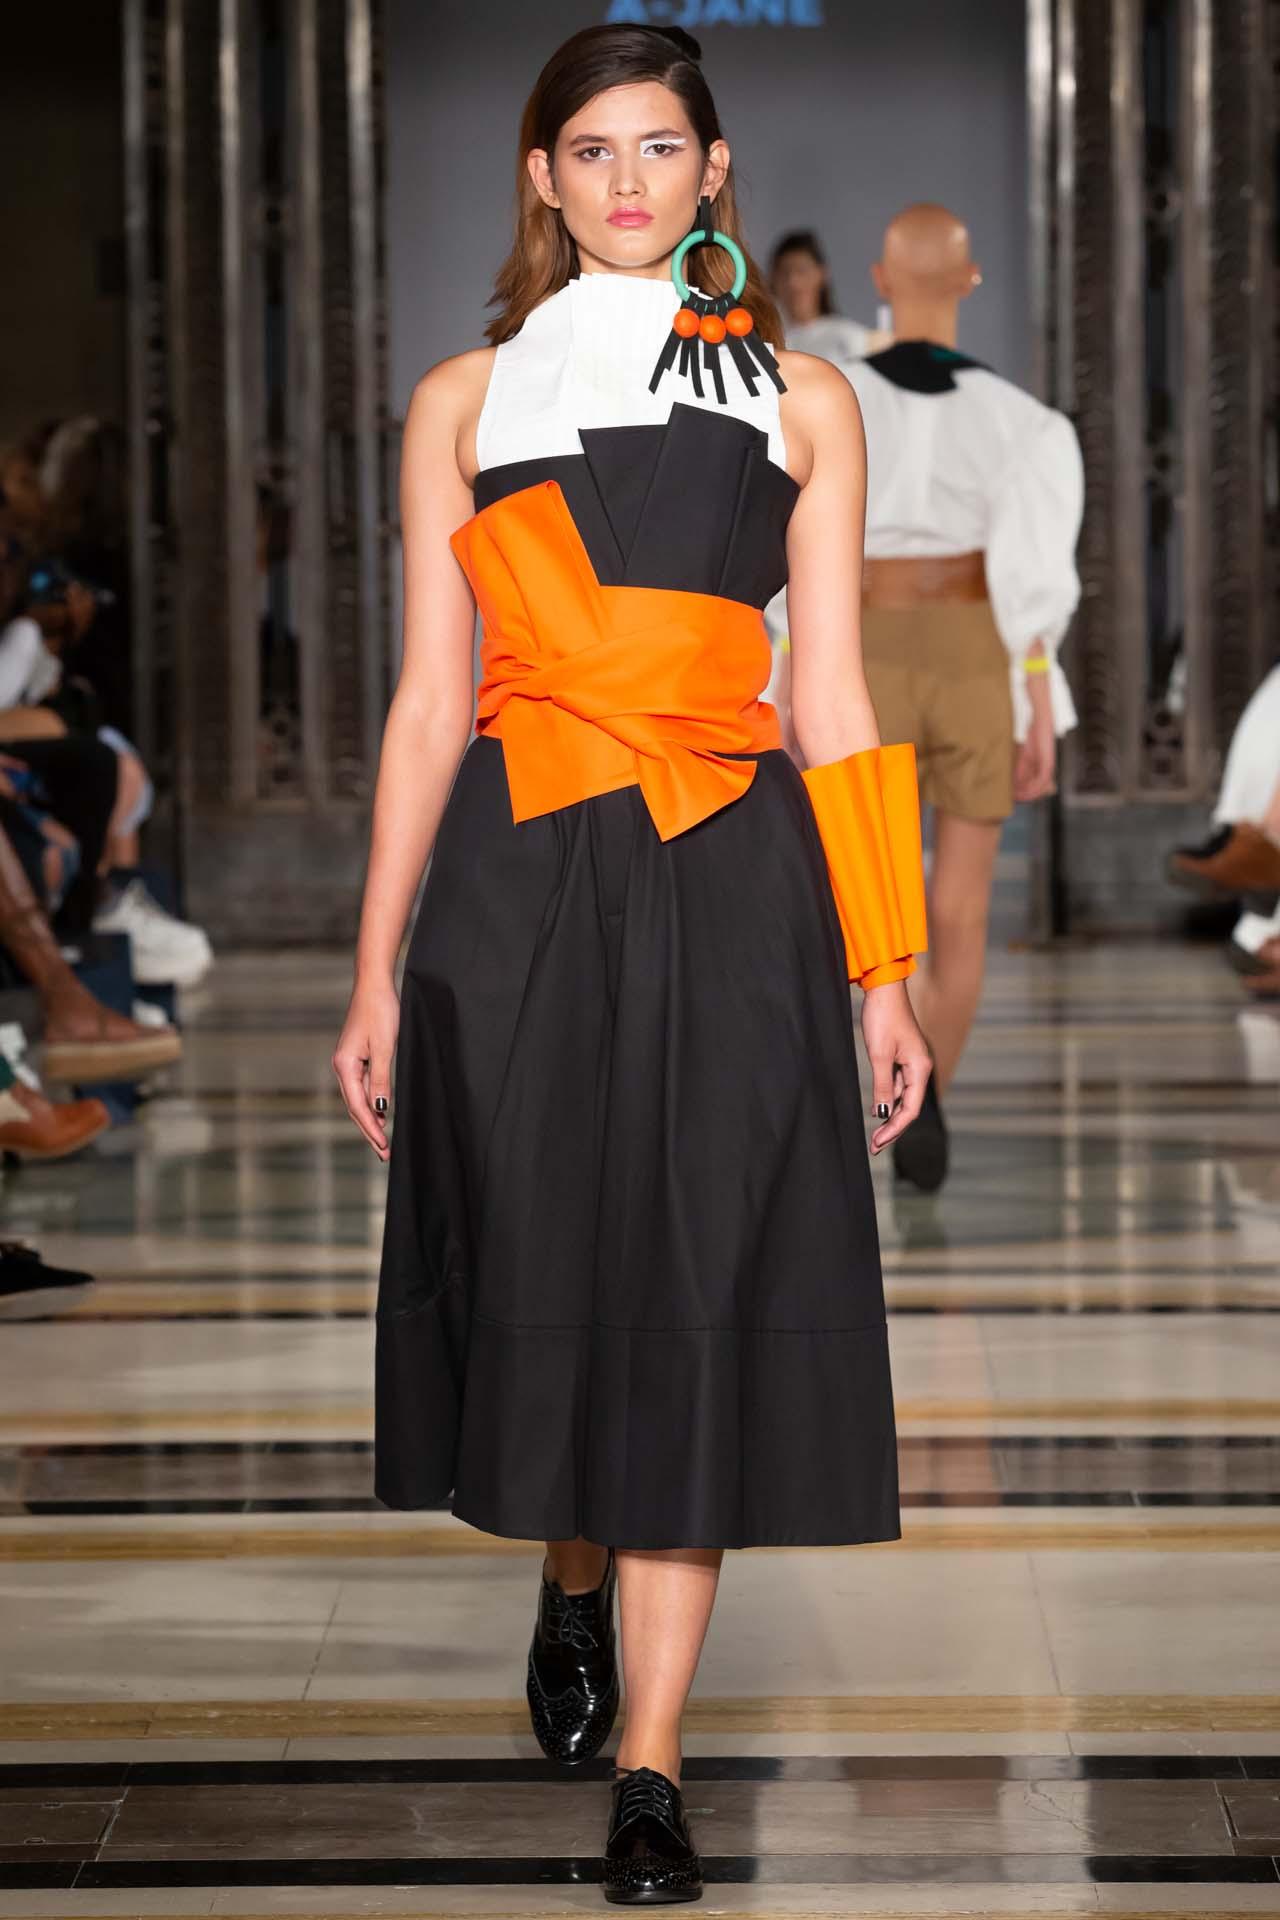 A jane lfw fashion scout (17)